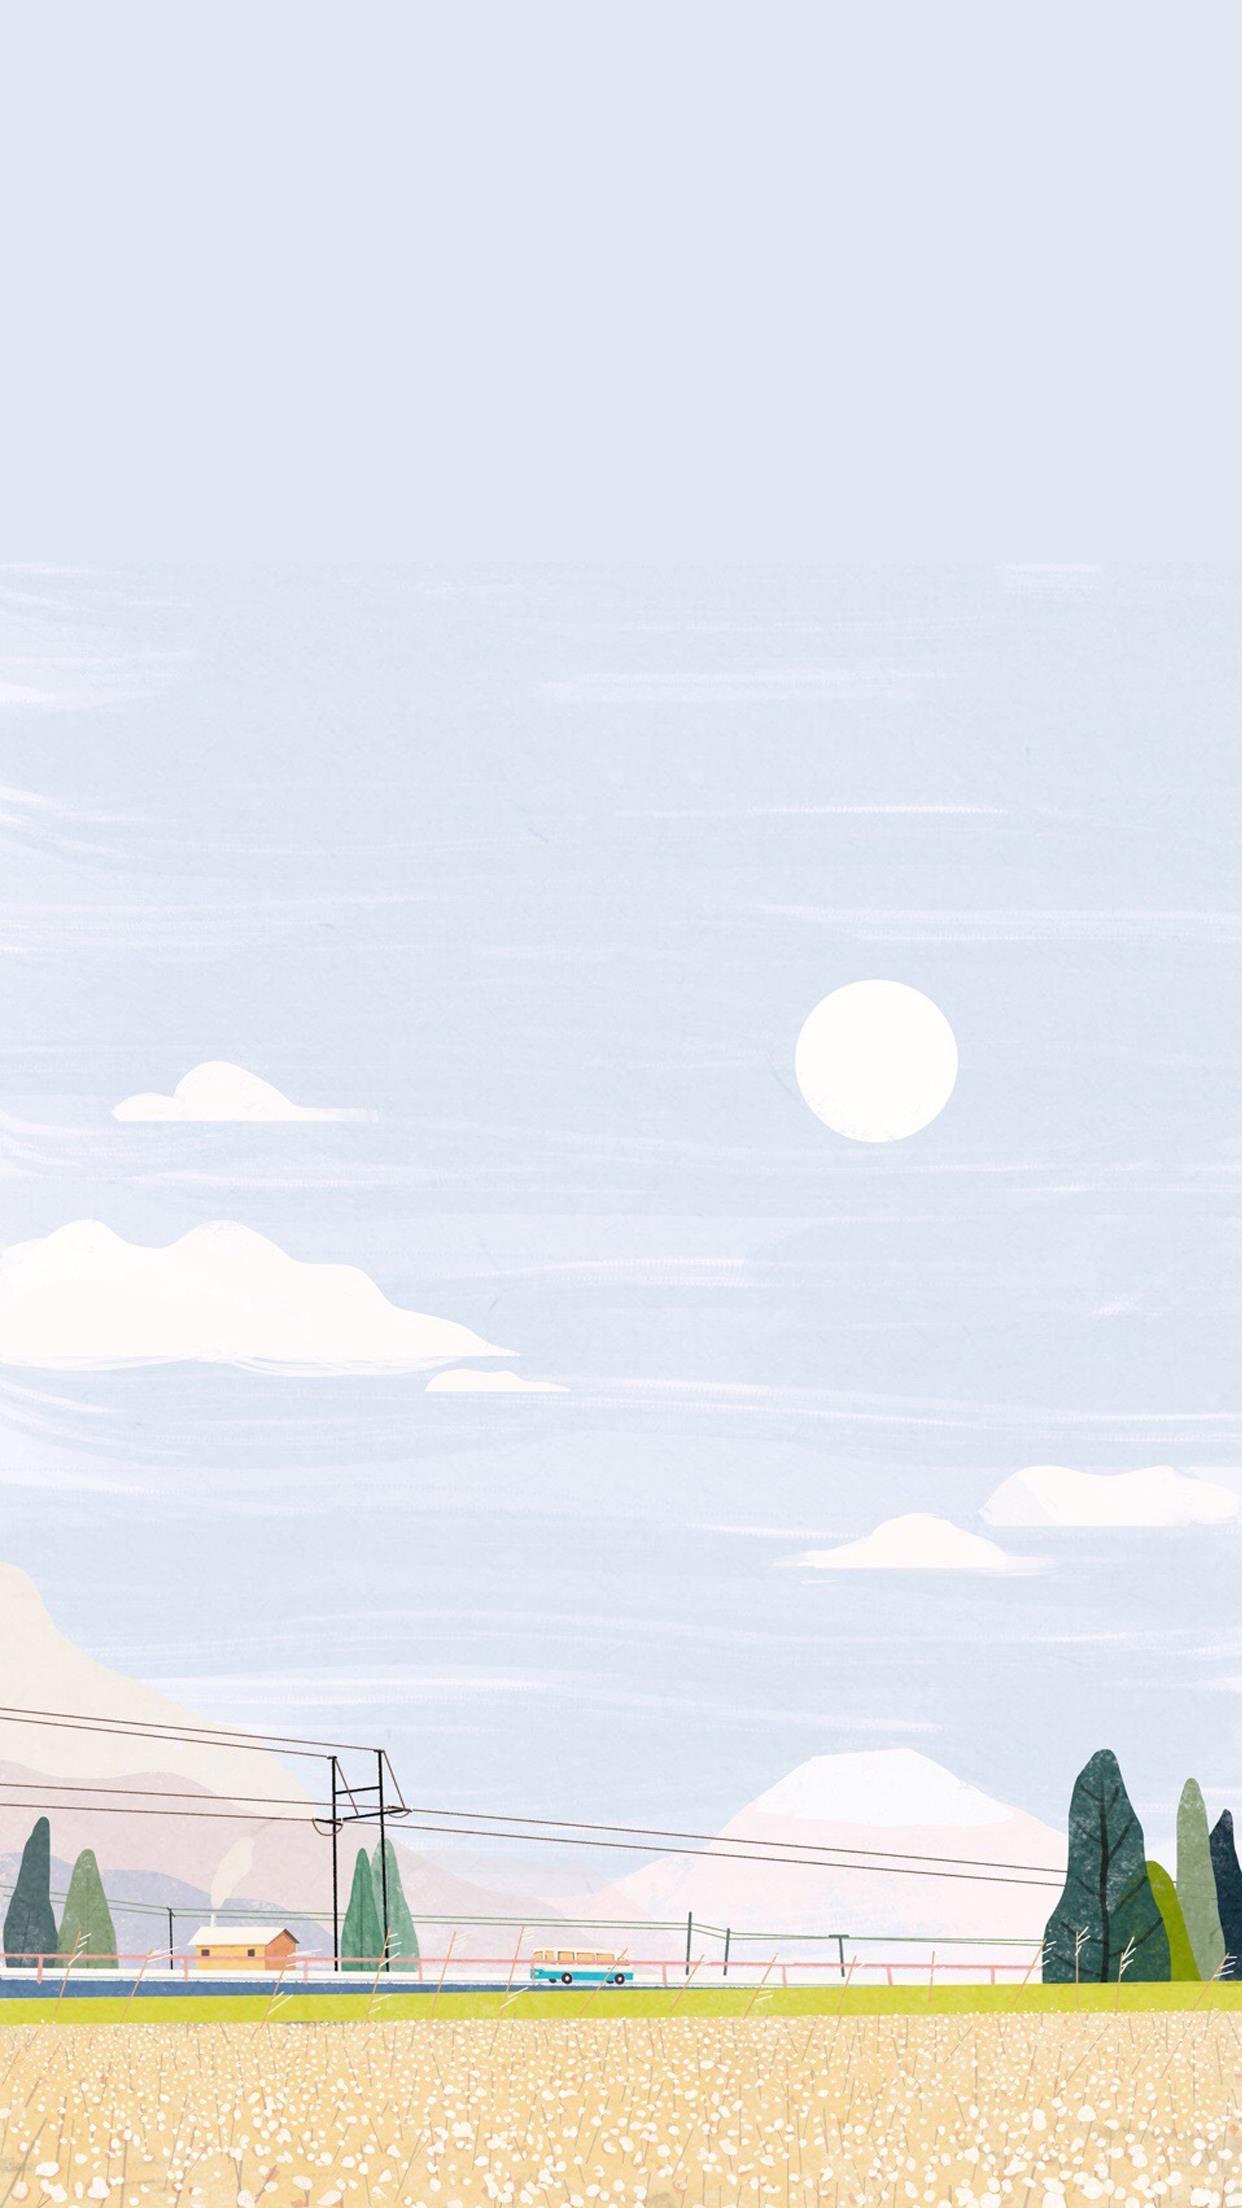 壁纸介绍 一组风景意境插画作品,一个个包含故事意境。树从春天来到了夏天,冷月慵懒的斜挂在夜空,或是一丝寂静一丝孤独一丝迷离去过许多地方,寻找那份安静的美好。  壁纸信息 壁纸名称:唯美风景意境插画 壁纸尺寸:1242*2208 壁纸大小:7.85M 壁纸格式:jpg 壁纸张数:46  壁纸预览